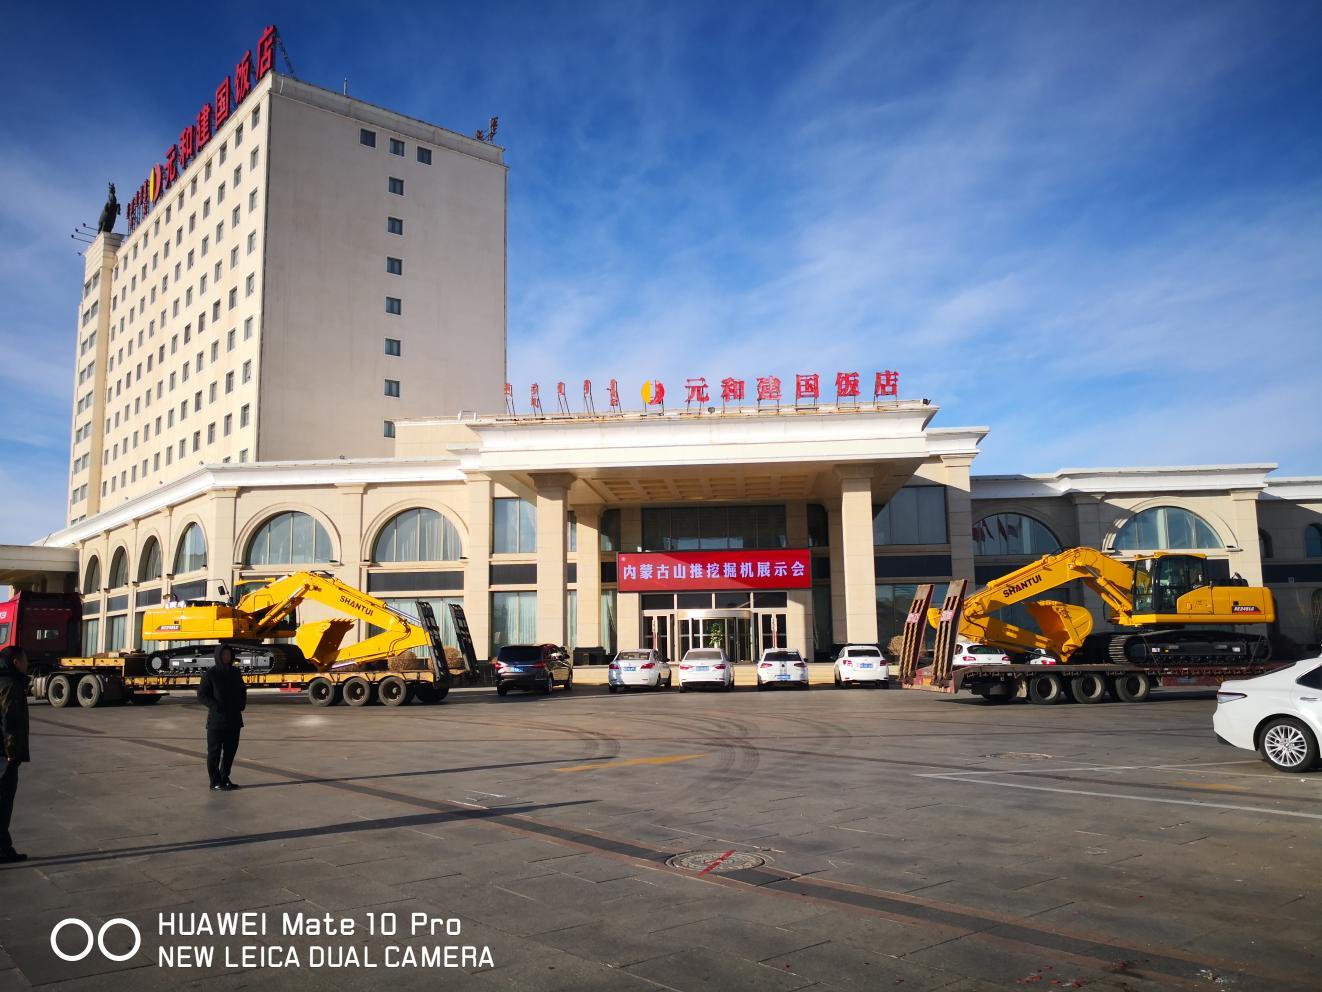 感恩有你  一路前行丨内蒙古山推挖掘机展示会